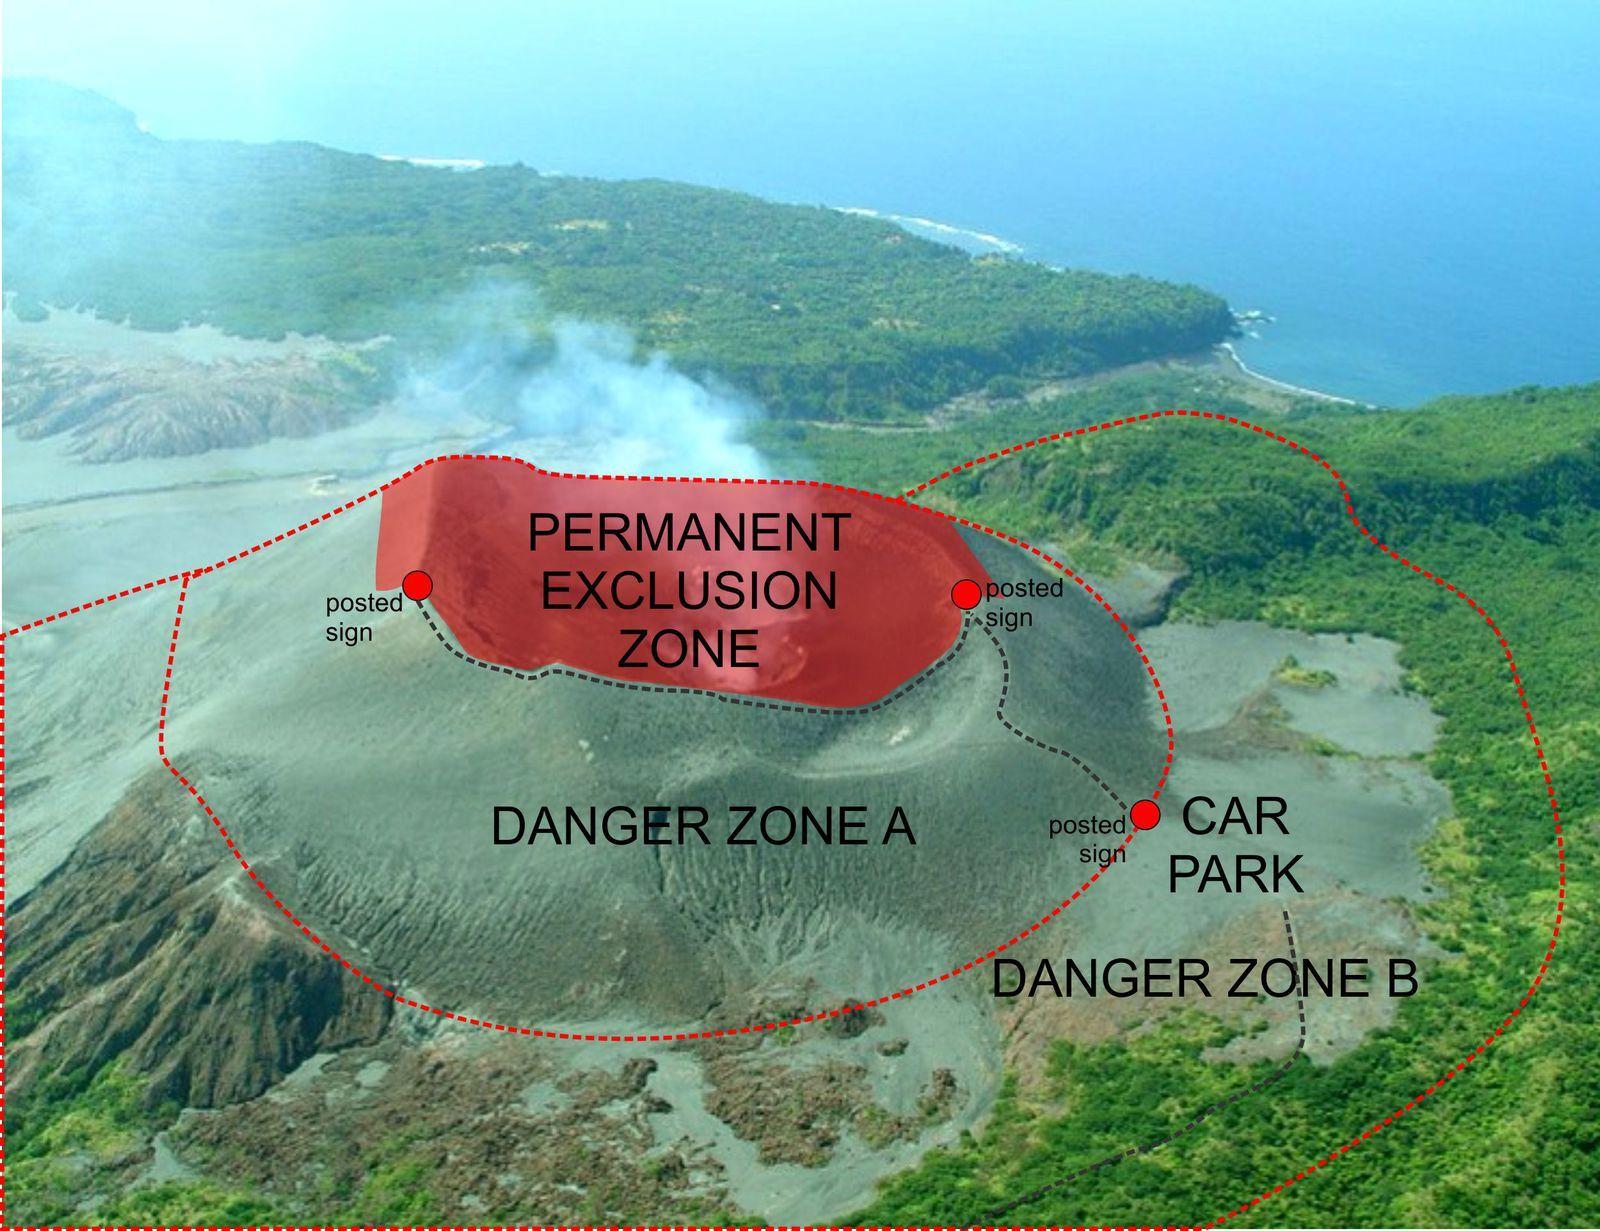 Yasur - carte des zones à risques - doc. Vanuatu Geohazards Observatory / 15.010.2016